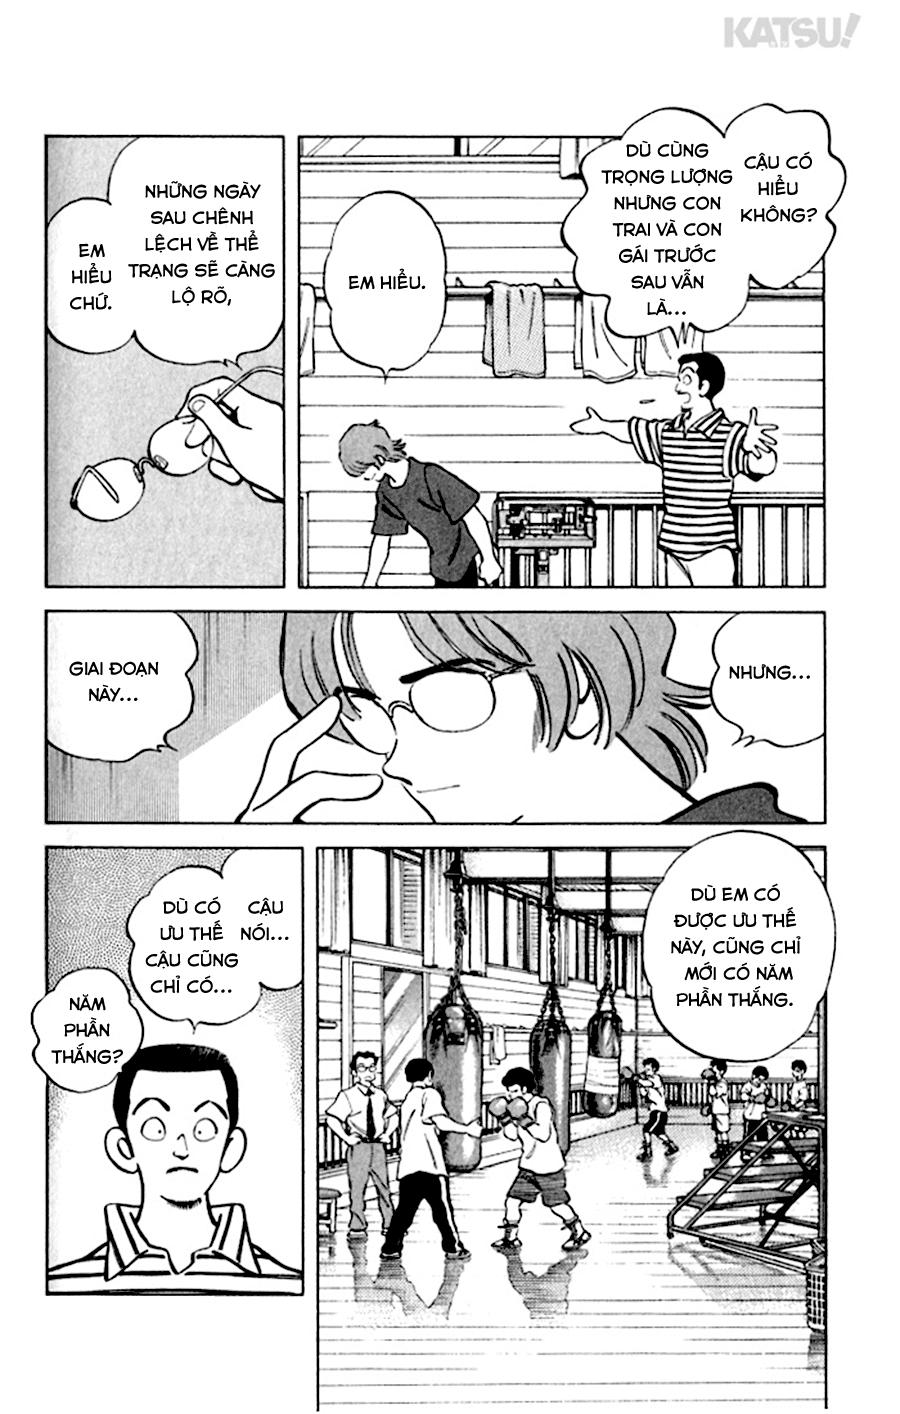 Katsu! chương 028: giai đoạn này trang 6